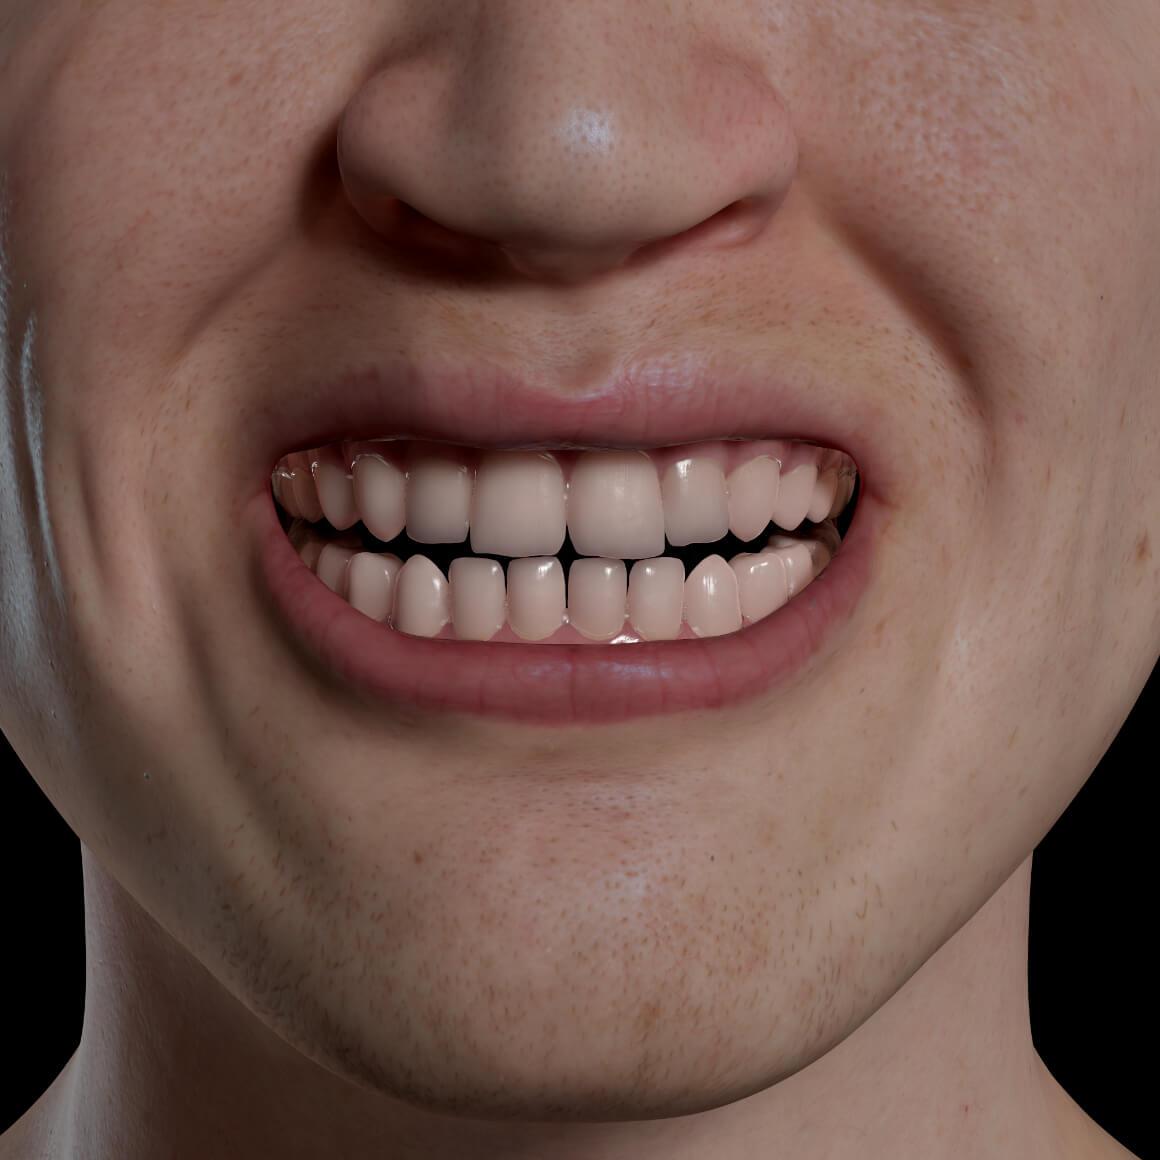 Sourire d'un patient de la Clinique Chloé positionné de face démontrant des dents blanches après un blanchiment dentaire